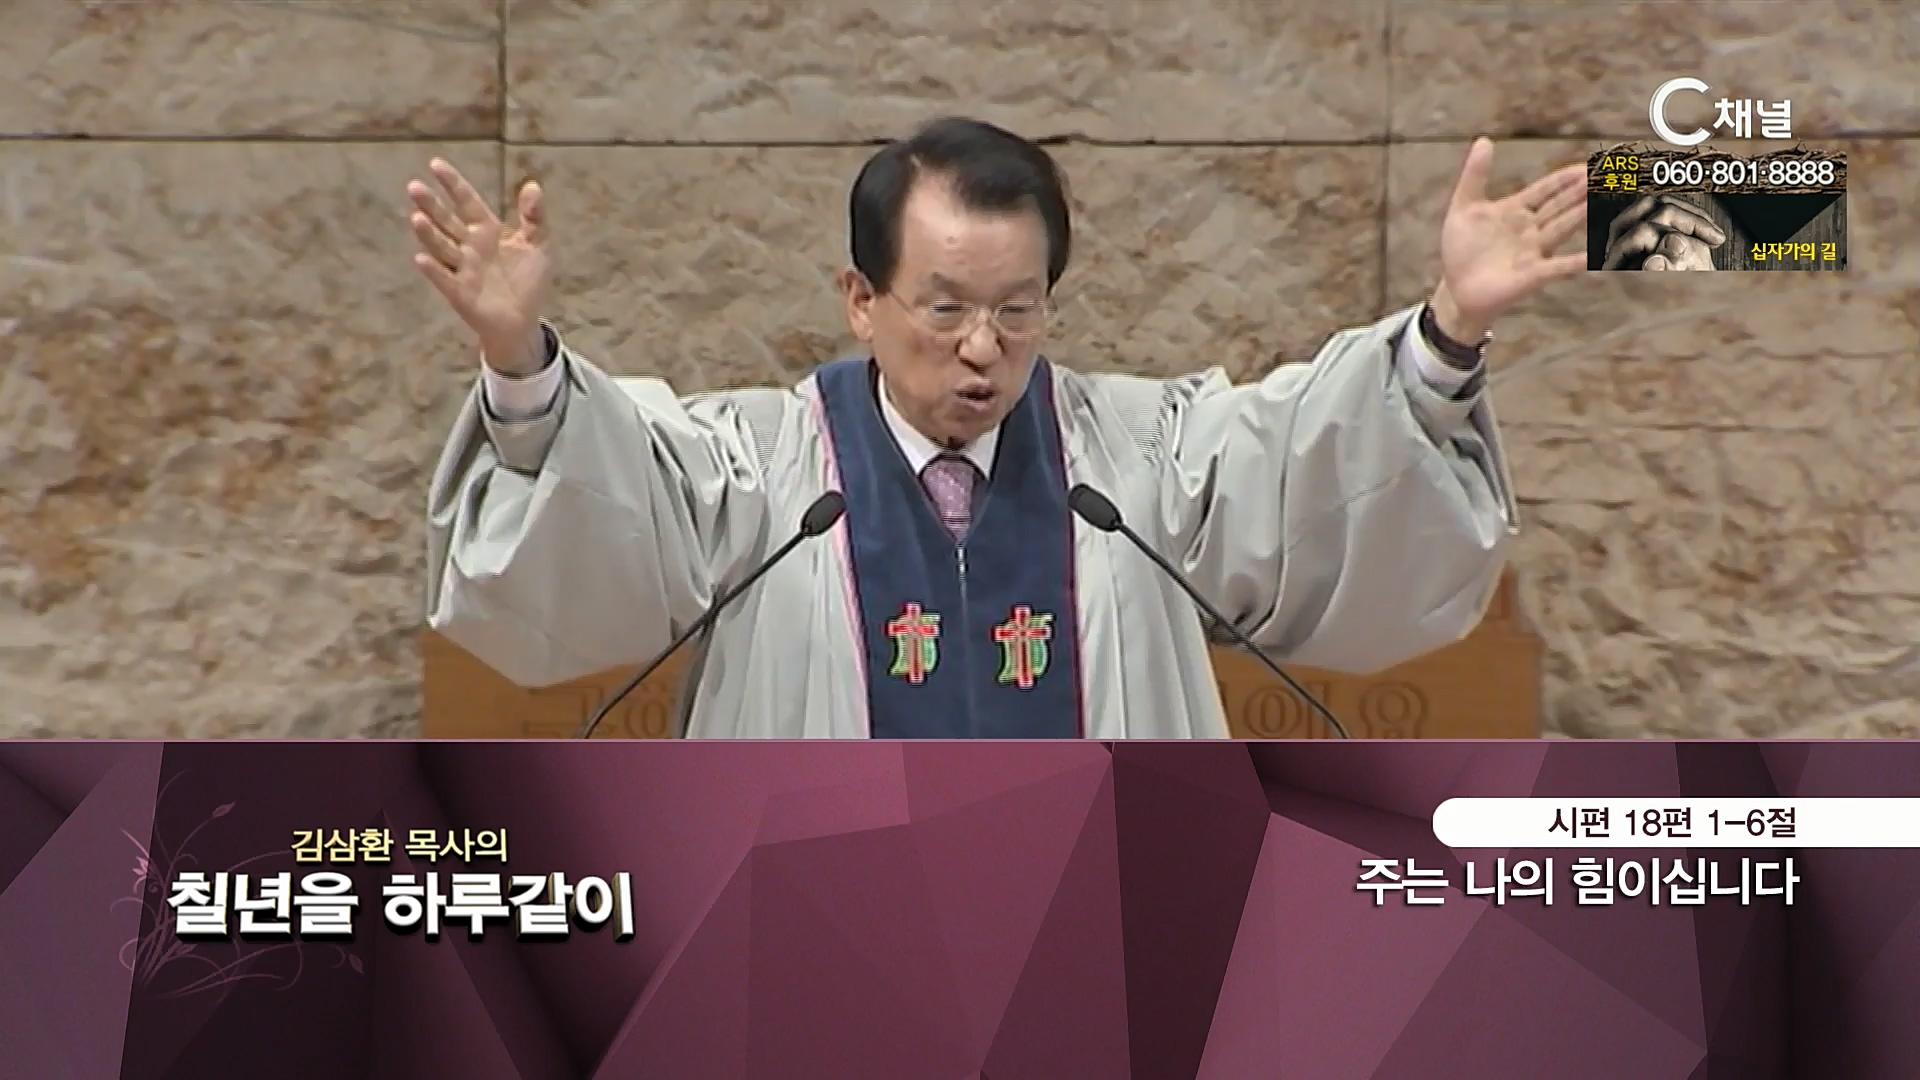 김삼환 목사의 칠 년을 하루같이 103회